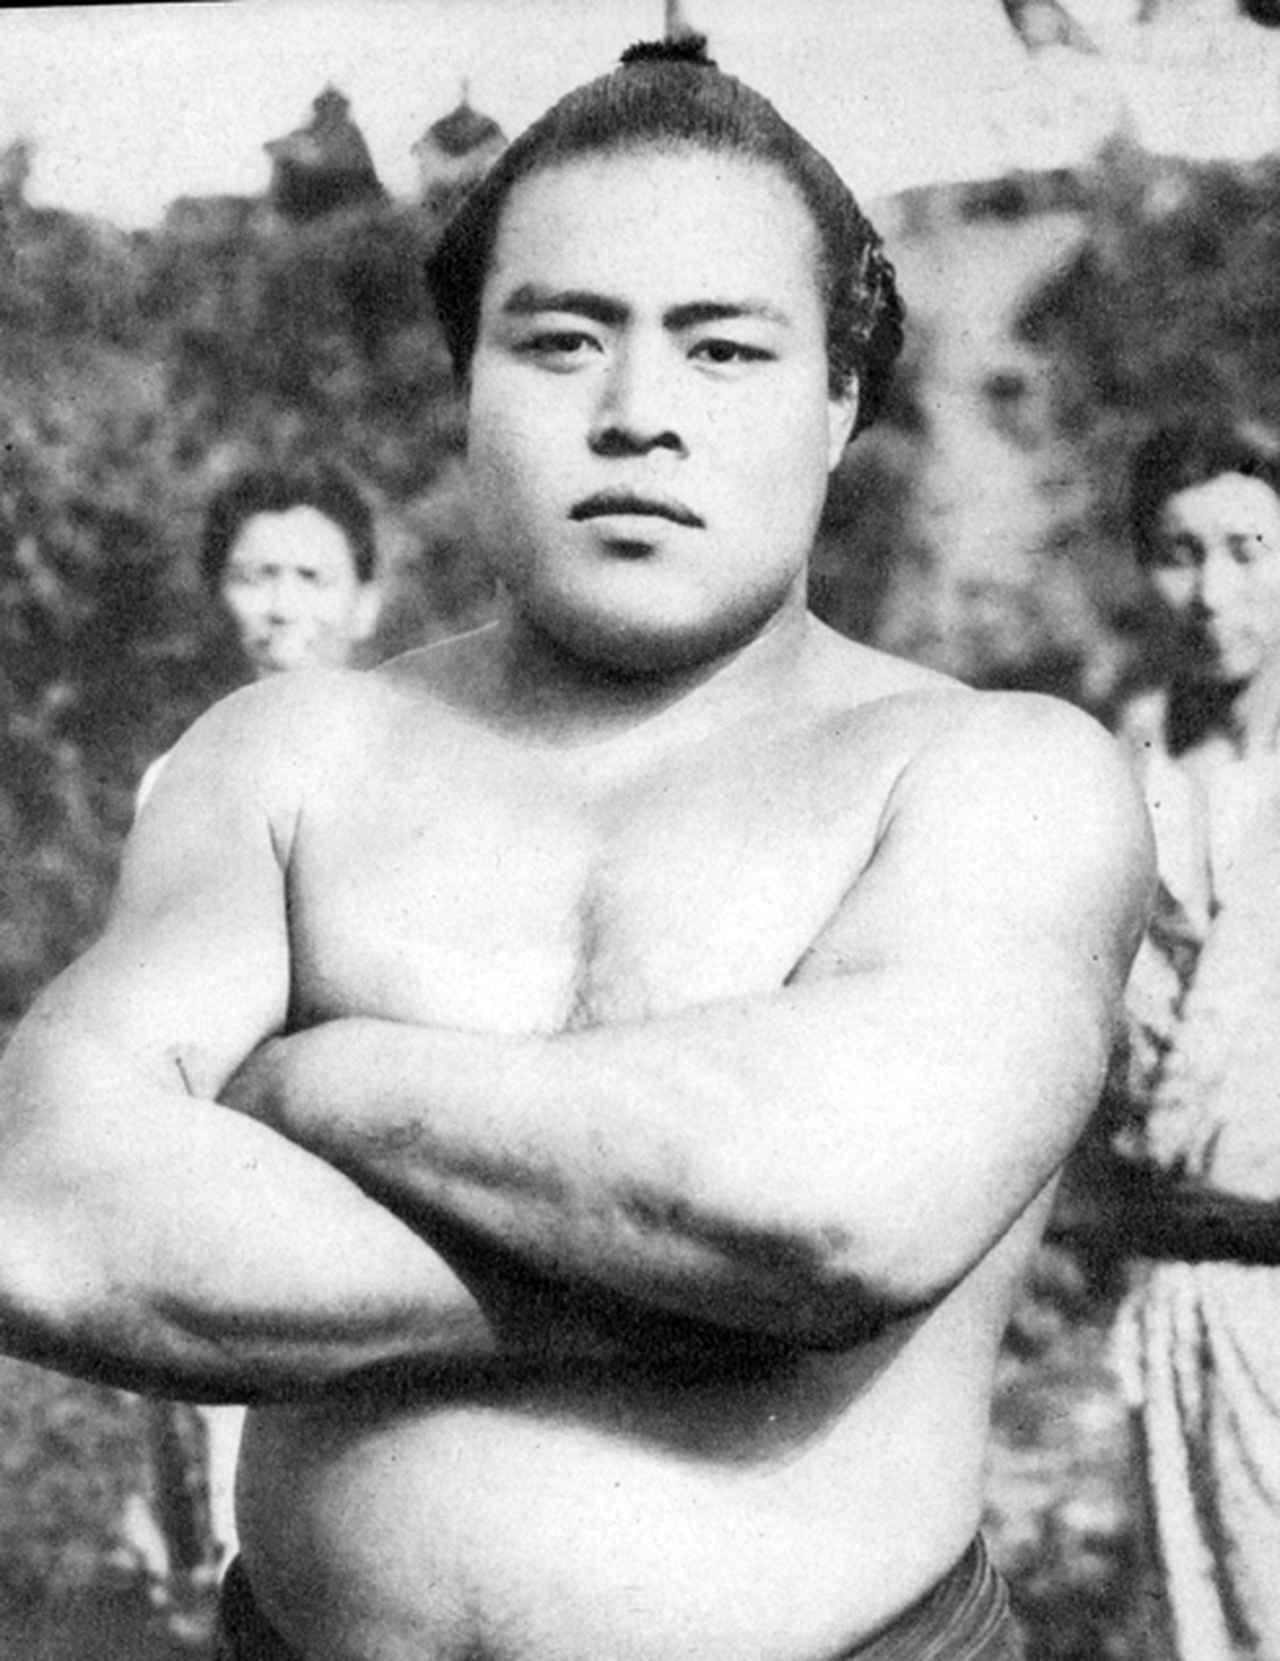 大相撲クイズ㉑ 新大関でも新横綱でも優勝した力士は!? | BBM ...